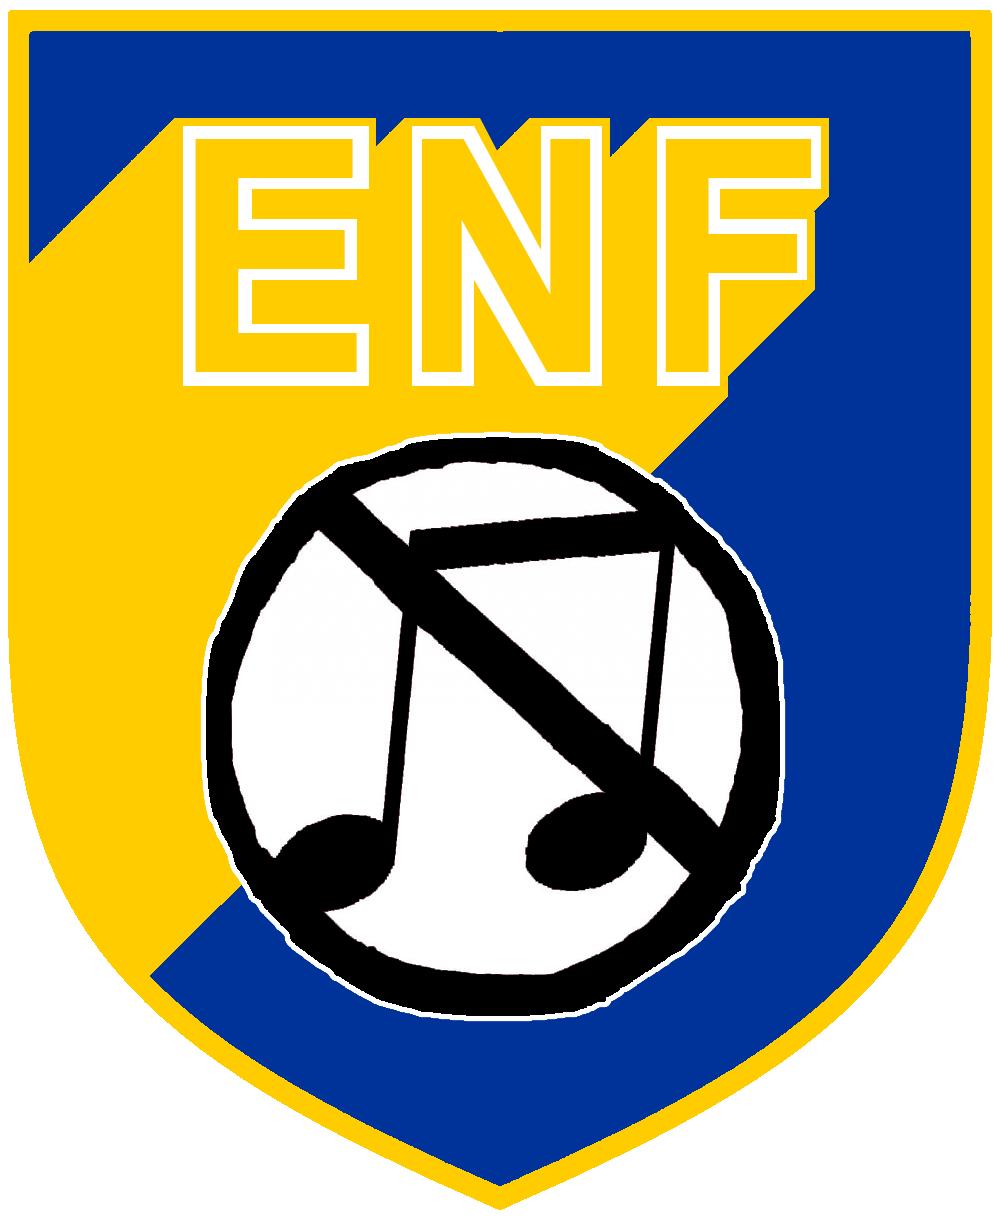 euronoisefed